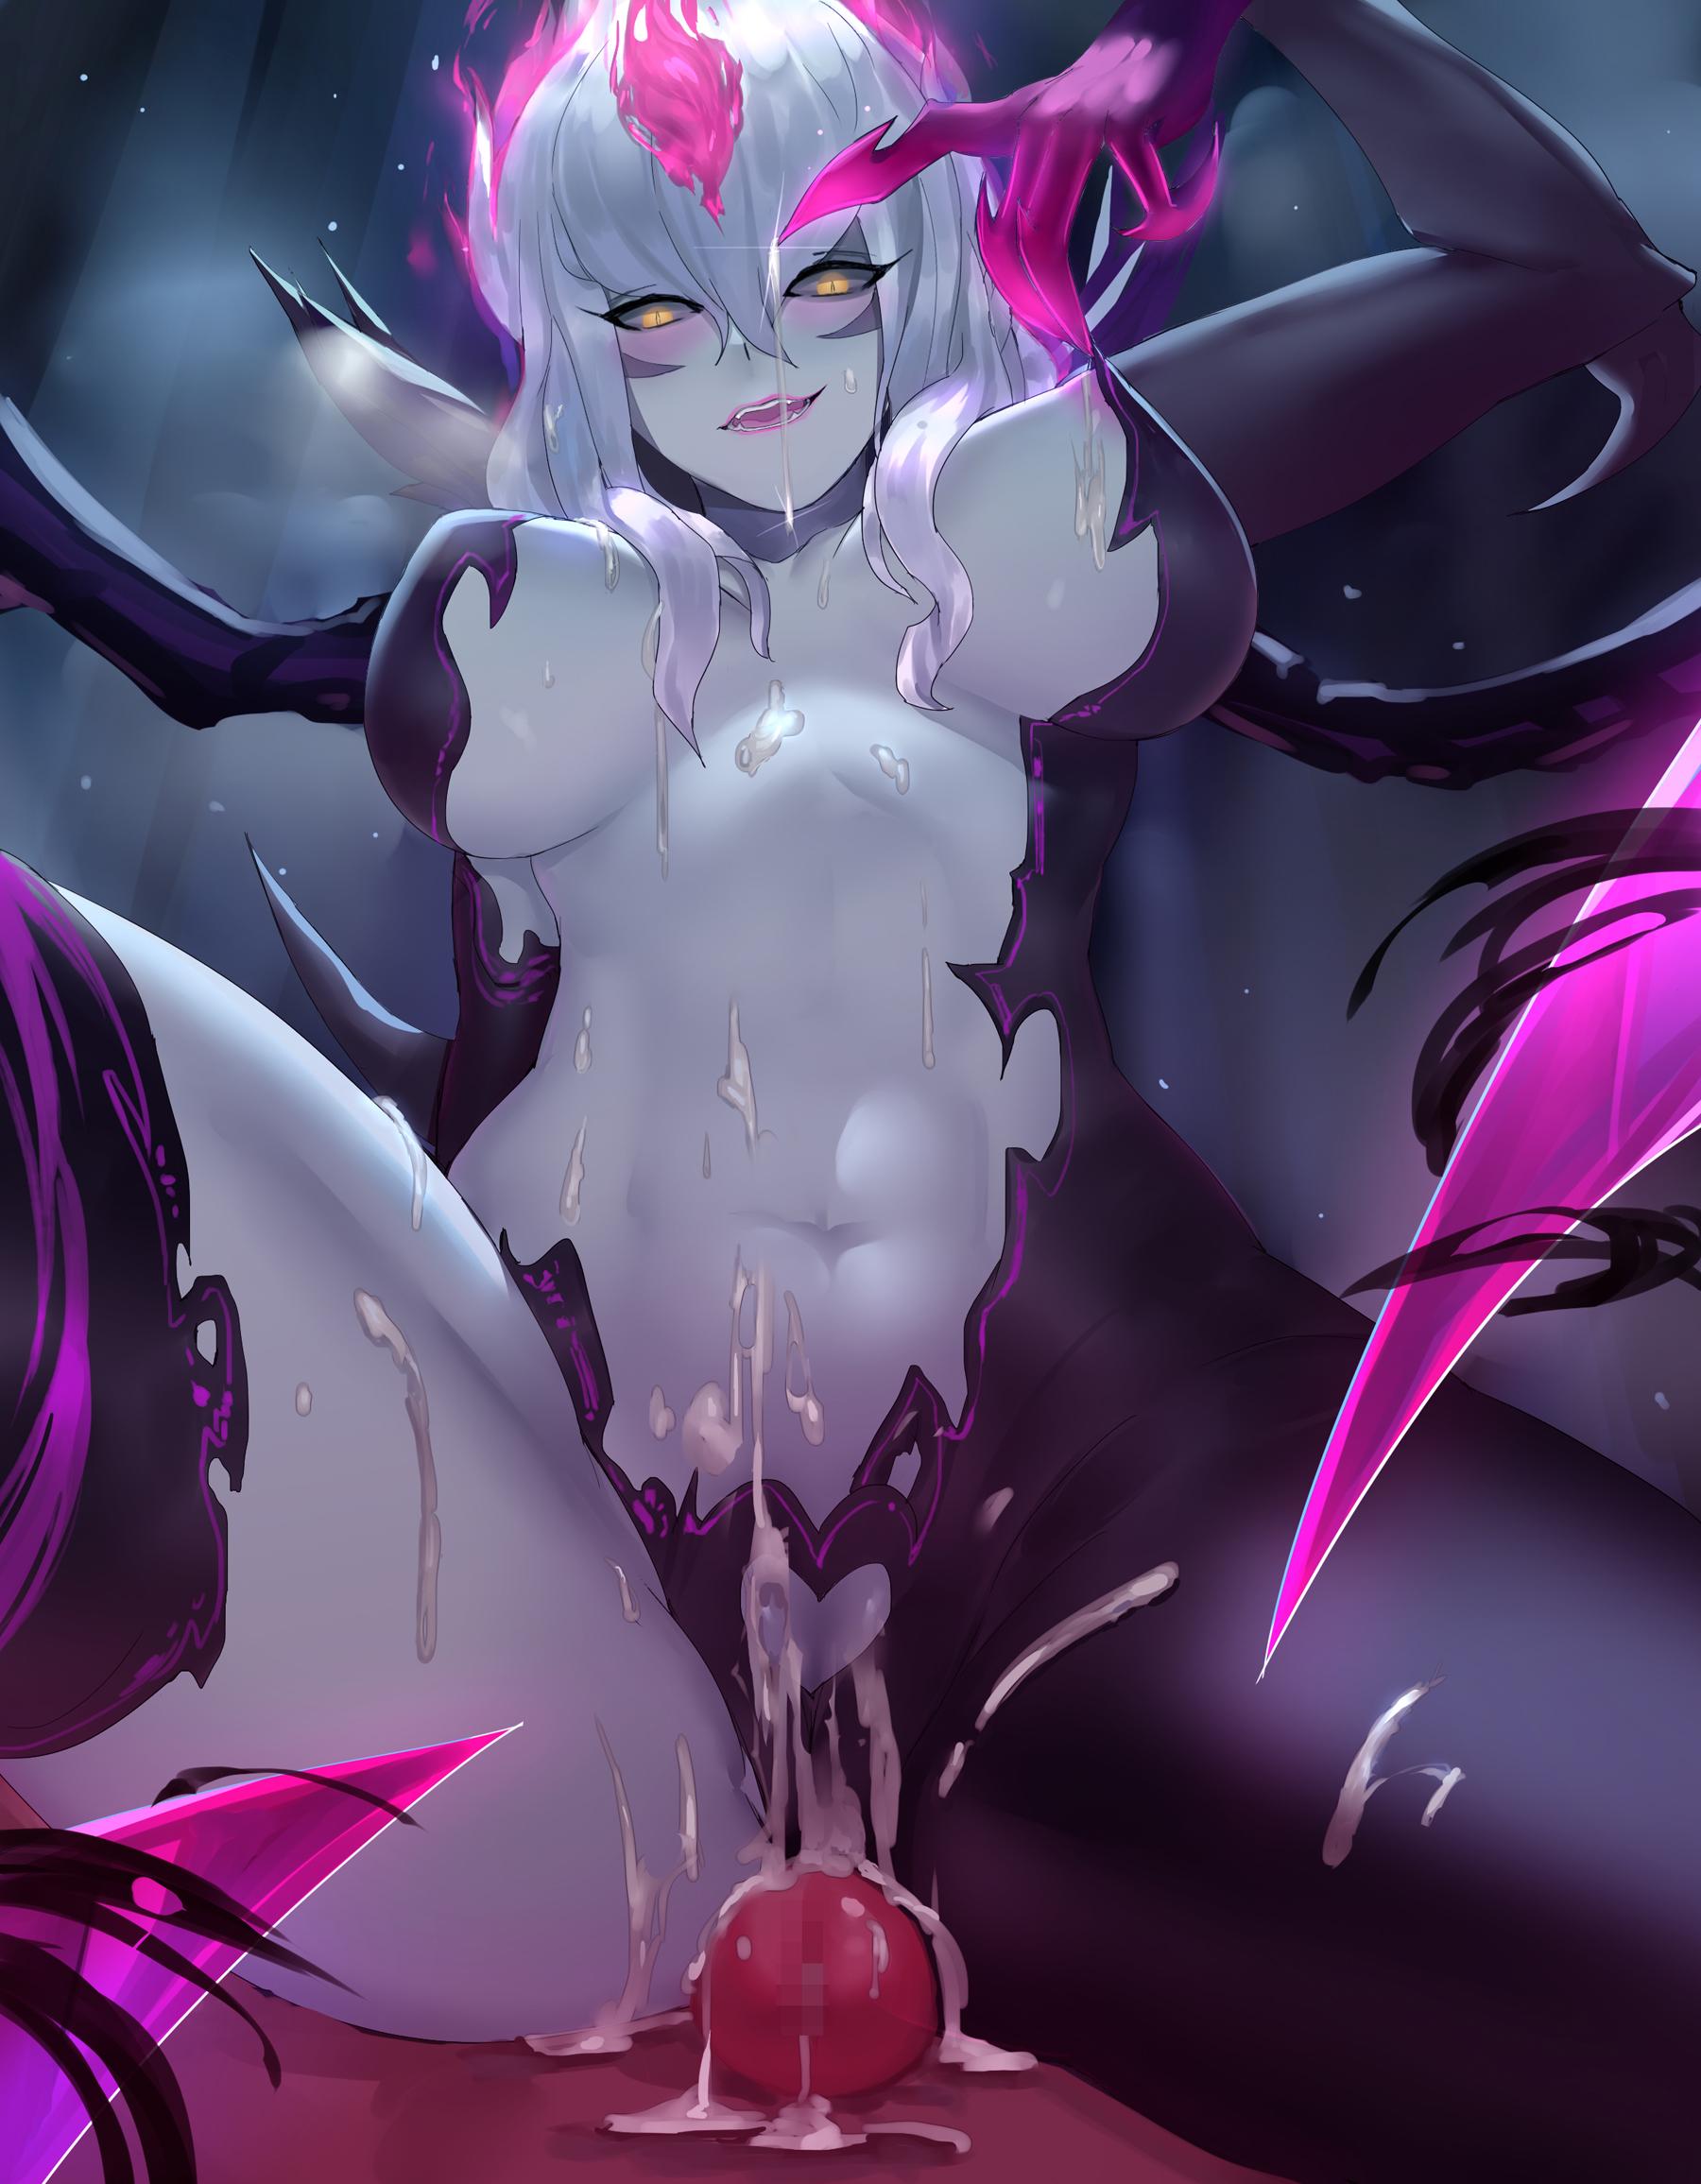 evelynn nude